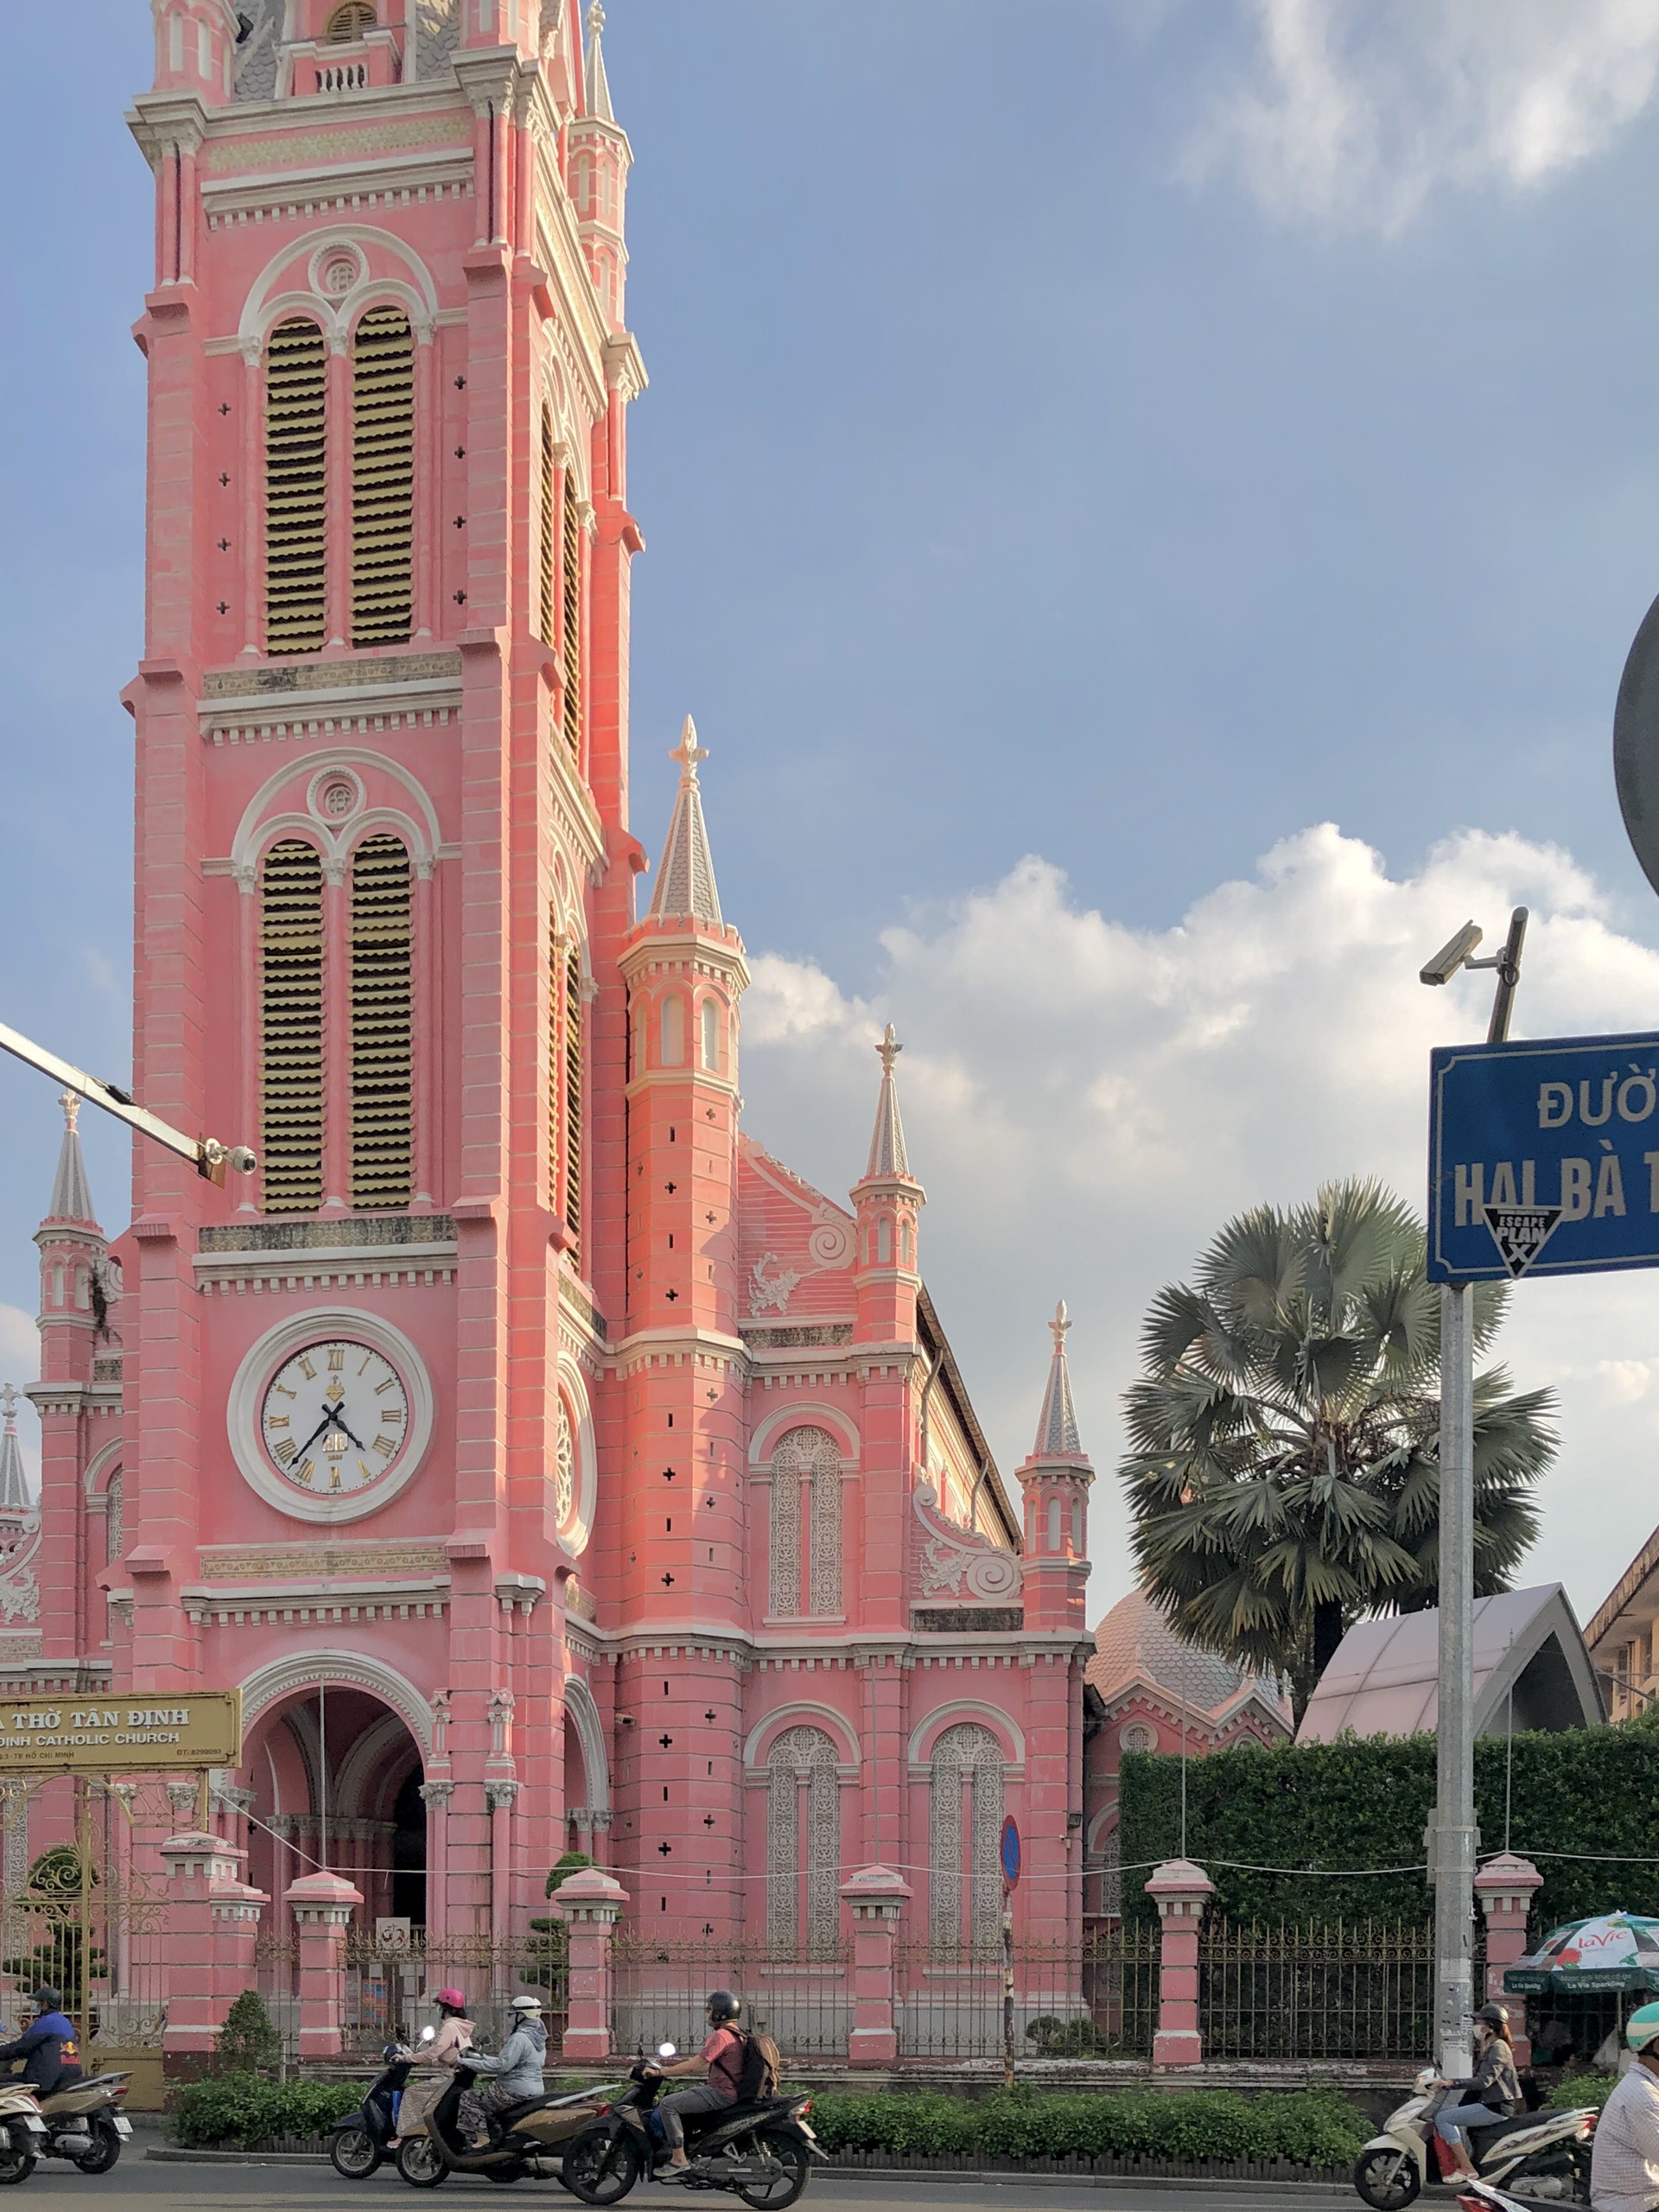 Gợi ý những trải nghiệm không nên bỏ lỡ nếu chỉ có 24 giờ khám phá Sài Gòn - Ảnh 3.